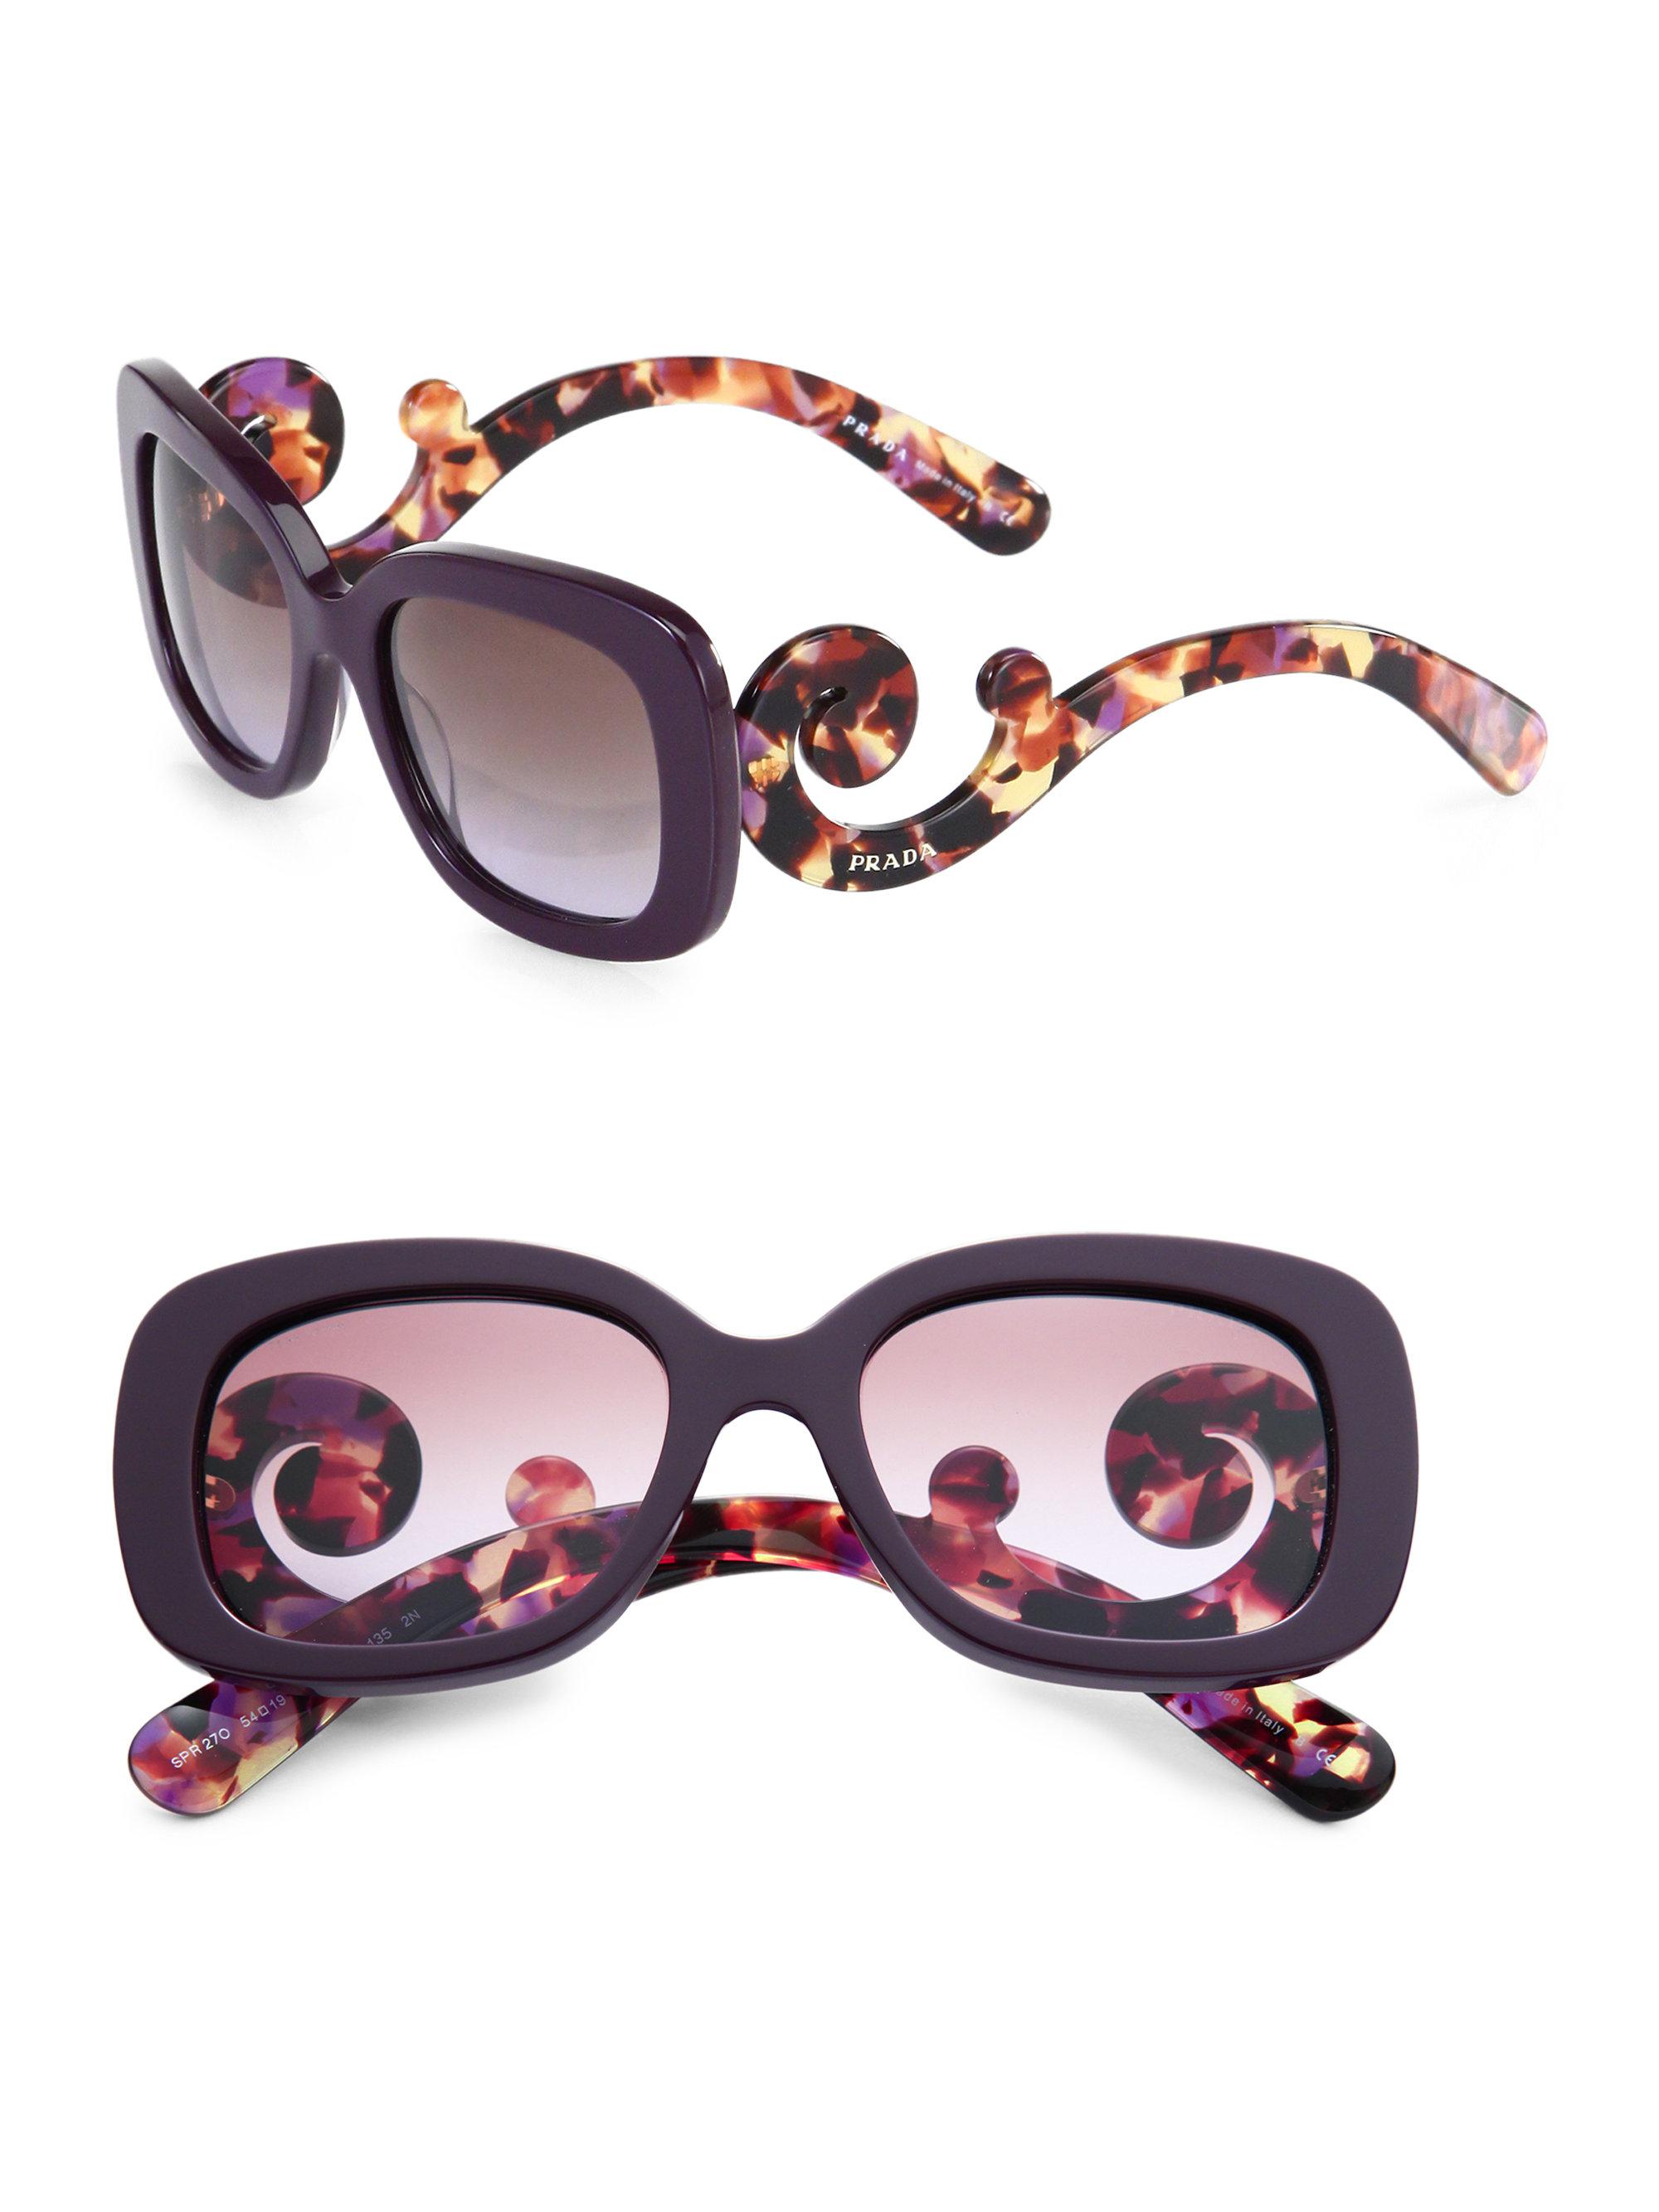 9dce36e557 ... best price lyst prada baroque square sunglasses in purple 78007 500ad